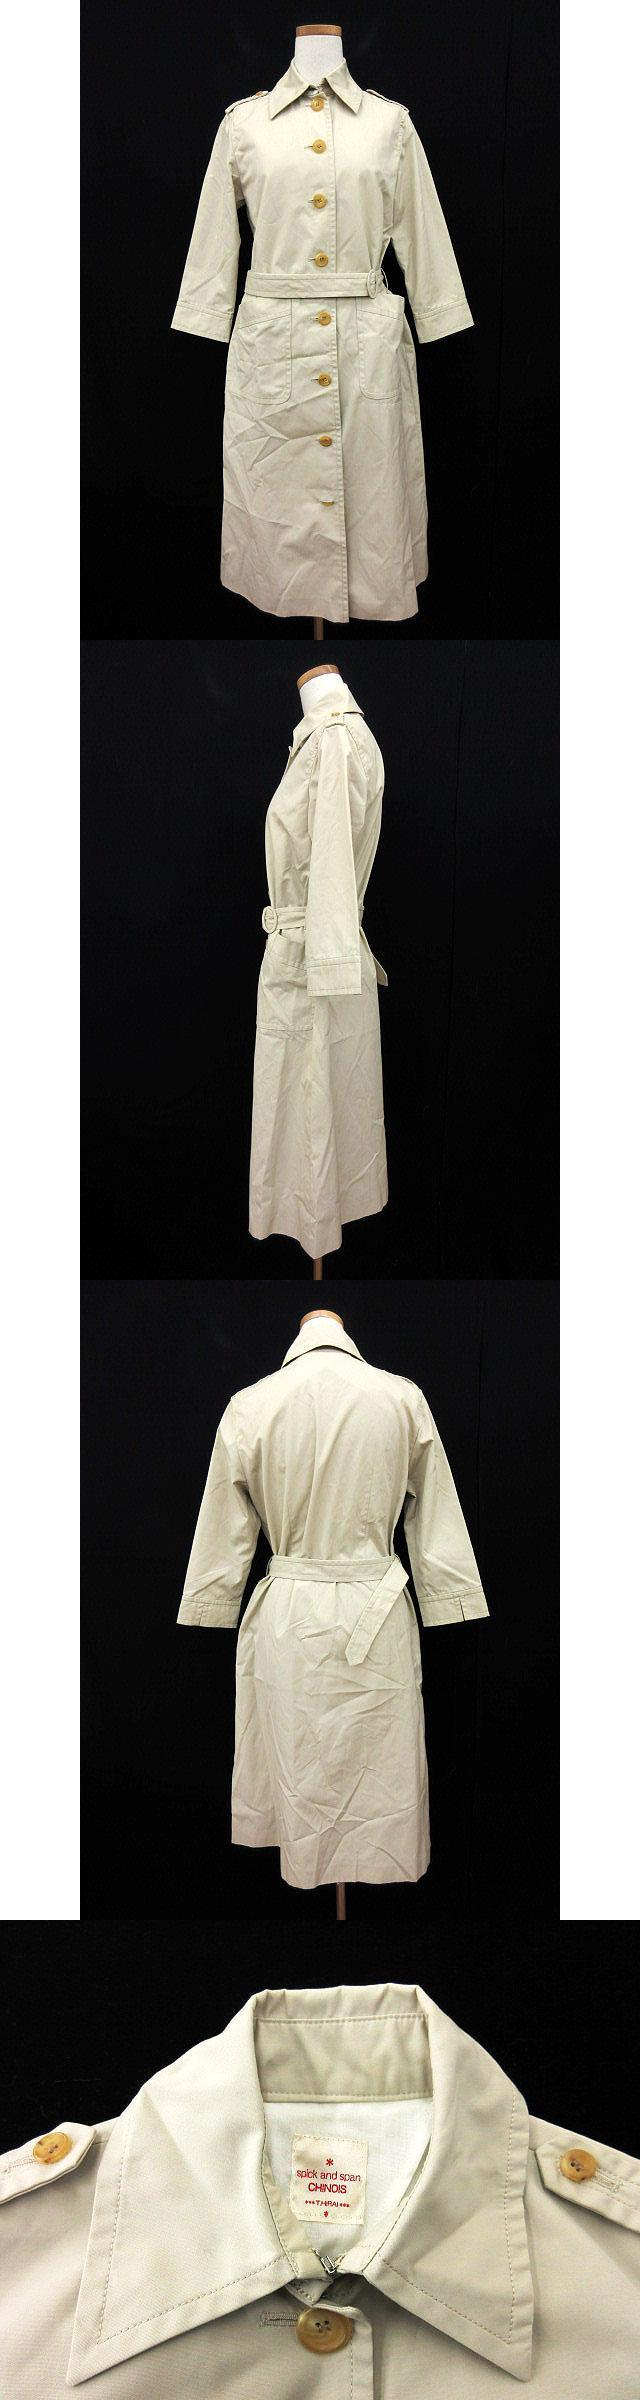 CHINOIS T.HIRAI コート トレンチ ステンカラー 七分袖 背抜き アイボリー /kt